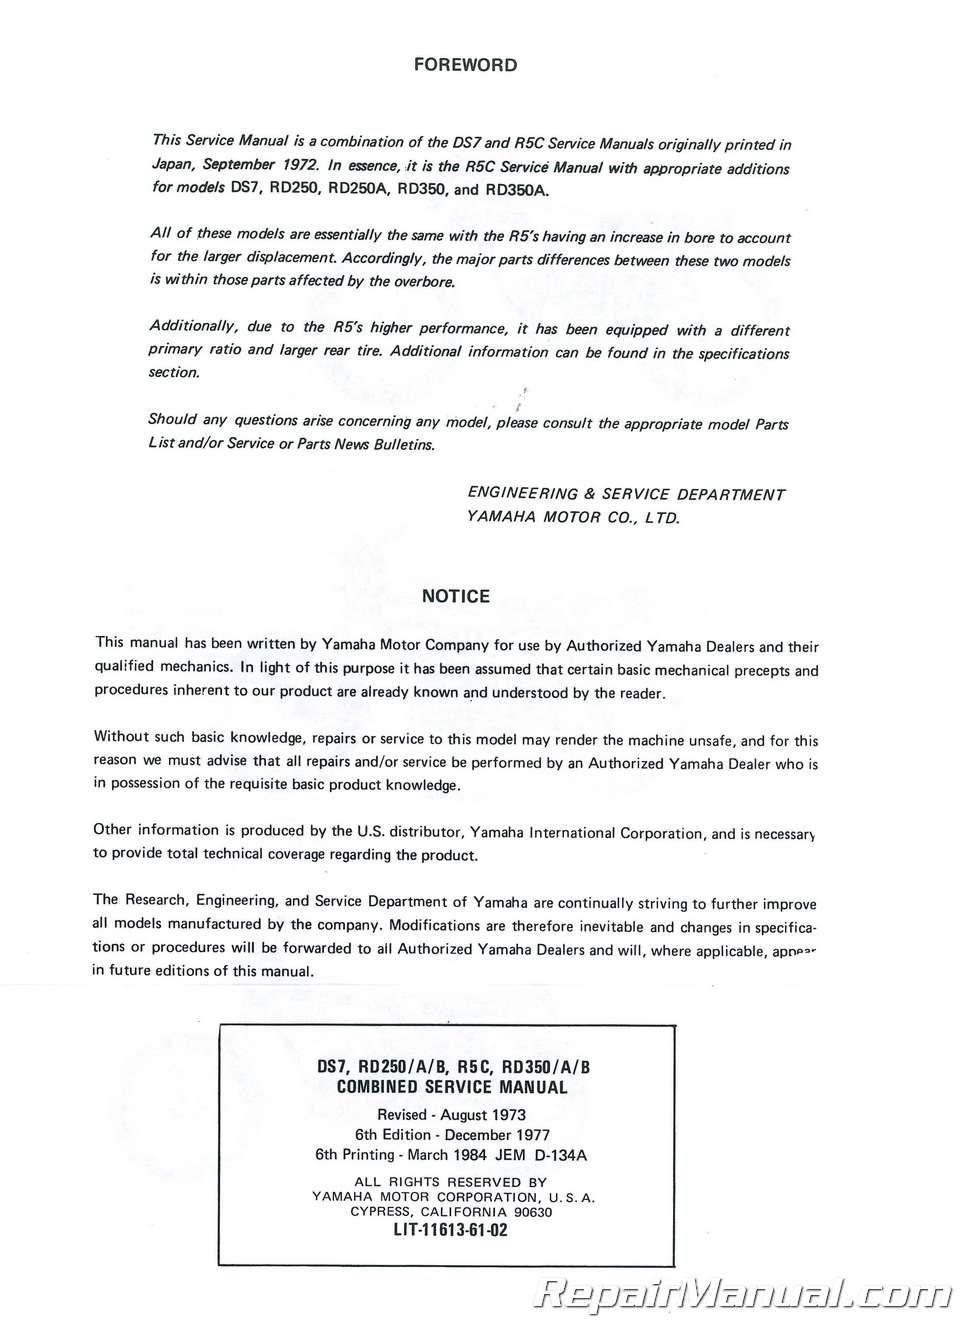 yamaha rd 350 manual pdf